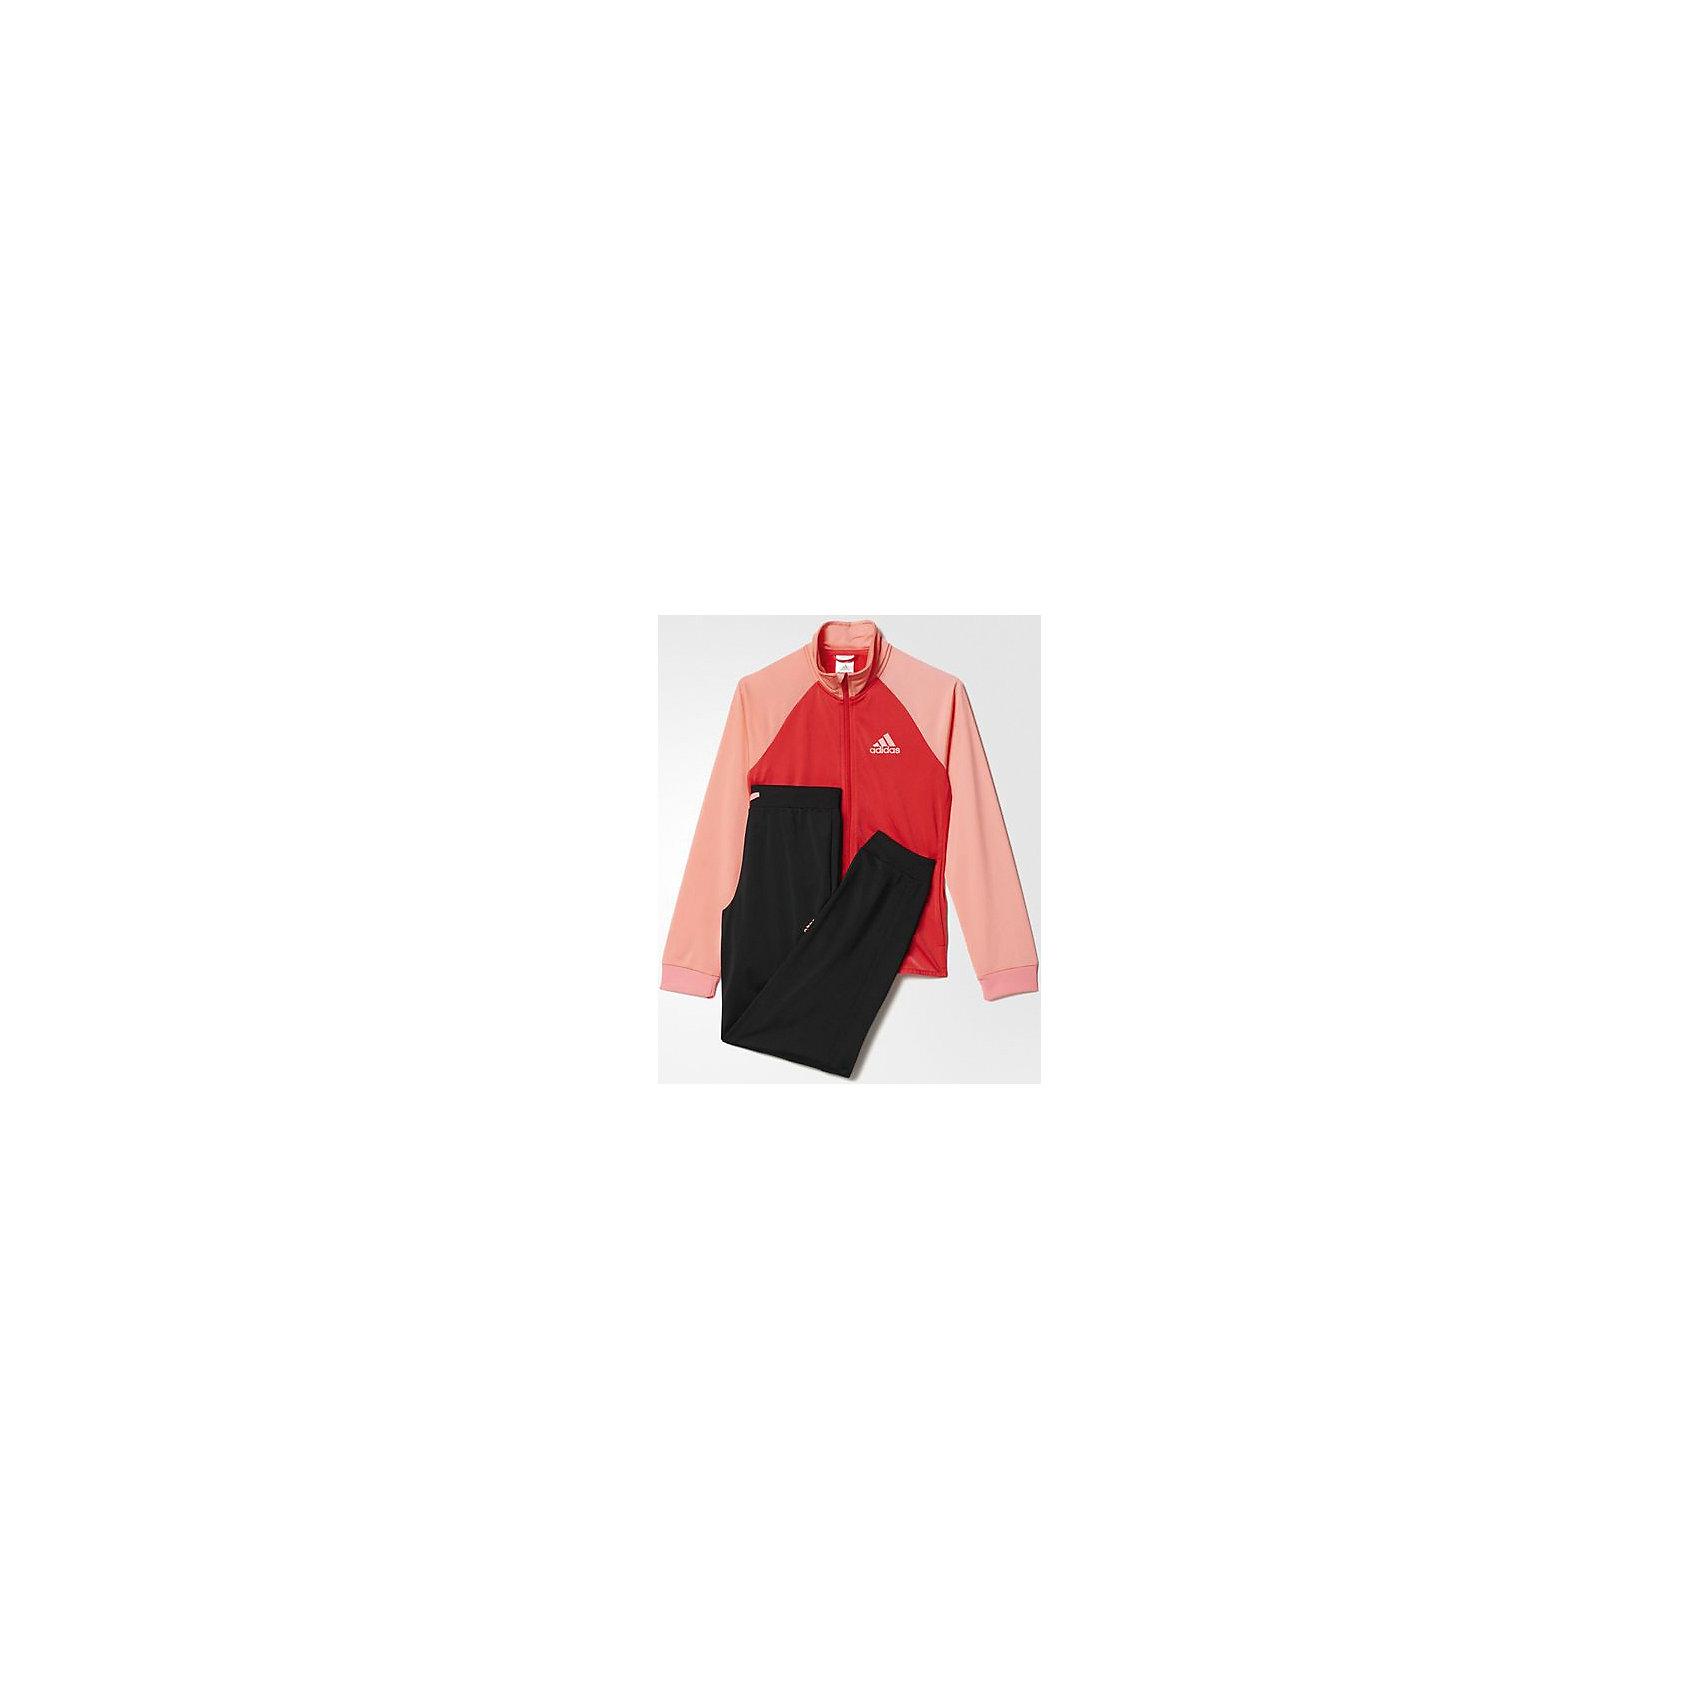 Спортивный костюм Separates adidasСпортивная одежда<br>Костюм спортивный Аdidas (Адидас).<br><br>Характеристики:<br><br>• Цвет: розовый, черный.<br>• Состав: 100% полиэстер.<br>• Материал: трикотаж.<br>• Олимпийка: передние прорезные карманы; застежка на молнию; воротник-стойка; рукава реглан; рифленые манжеты<br>• Брюки: боковые карманы; рифленый пояс на регулируемых завязках-шнурках; рифленые манжеты<br>• Зауженный крой брюк.<br><br>Комфортный костюм для юной спортсменки. Модель выполнена из гладкого трикотажа. Костюм состоит из толстовки  и брюк. Толстовка с застежкой на молнии, воротником-стойкой и передними карманами, рукава реглан, рифленые манжеты.  Зауженные брюки с боковыми карманами и контрастными завязками, рифлеными манжетами на брючинах. В таком спортивном костюме ваша девочка будет чувствовать себя удобно и комфортно на занятиях спортом и в повседневной жизни.<br><br>Костюм спортивный  Adidas (Адидас), можно купить в нашем интернет – магазине.<br><br>Ширина мм: 247<br>Глубина мм: 16<br>Высота мм: 140<br>Вес г: 225<br>Цвет: розовый<br>Возраст от месяцев: 168<br>Возраст до месяцев: 180<br>Пол: Женский<br>Возраст: Детский<br>Размер: 170,152,164<br>SKU: 5003604